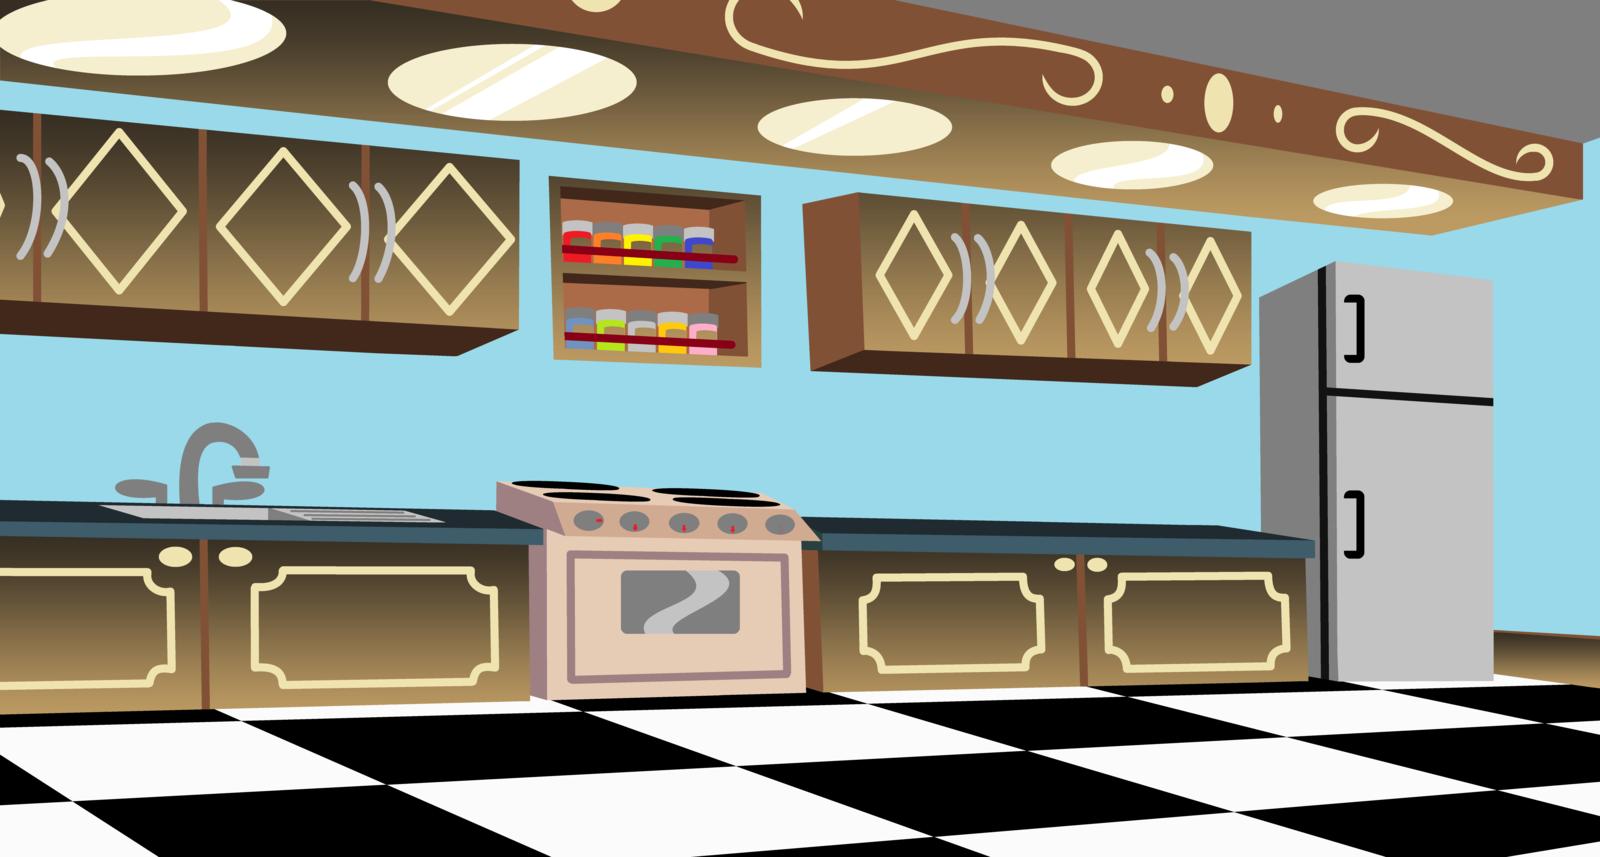 Kitchen clipart kitchen background Kitchen background clipart magiel and